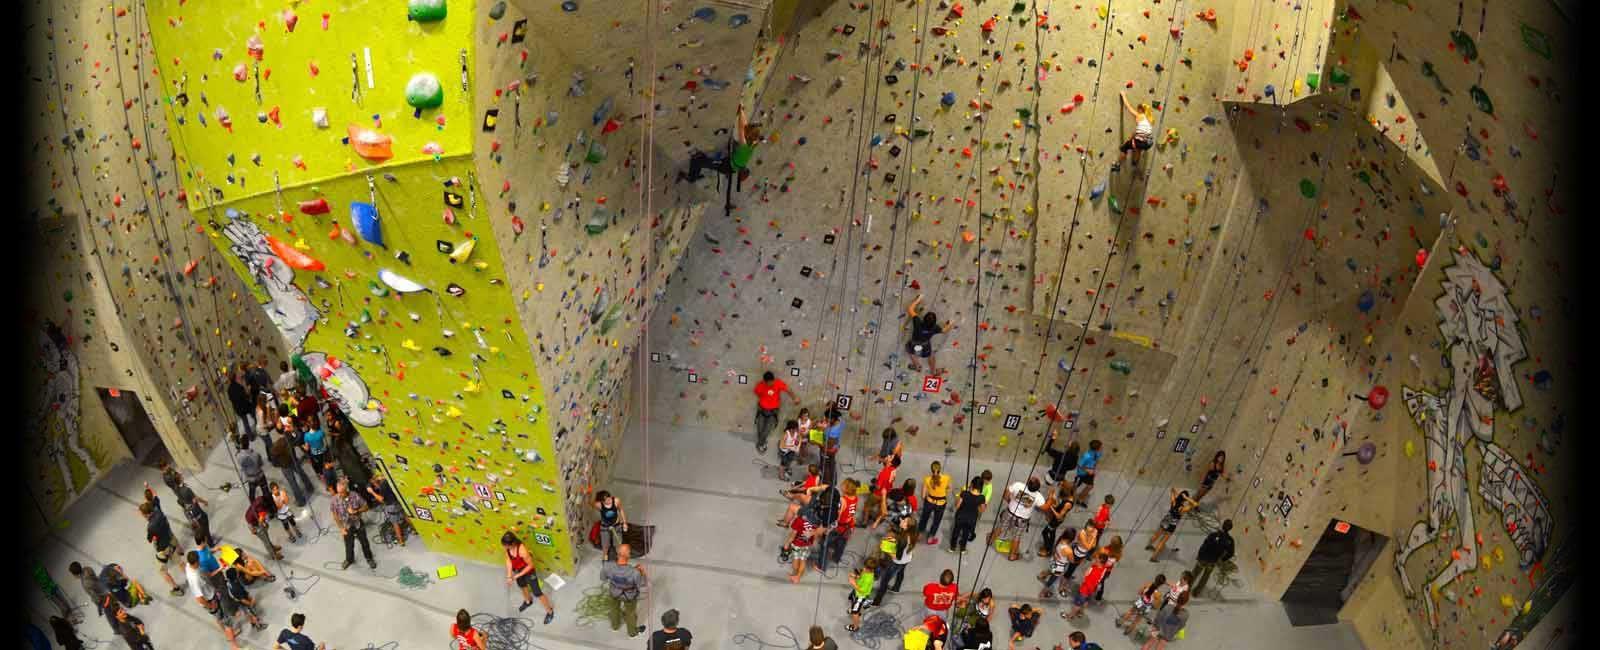 Indoor Climbing Gym, Colorado